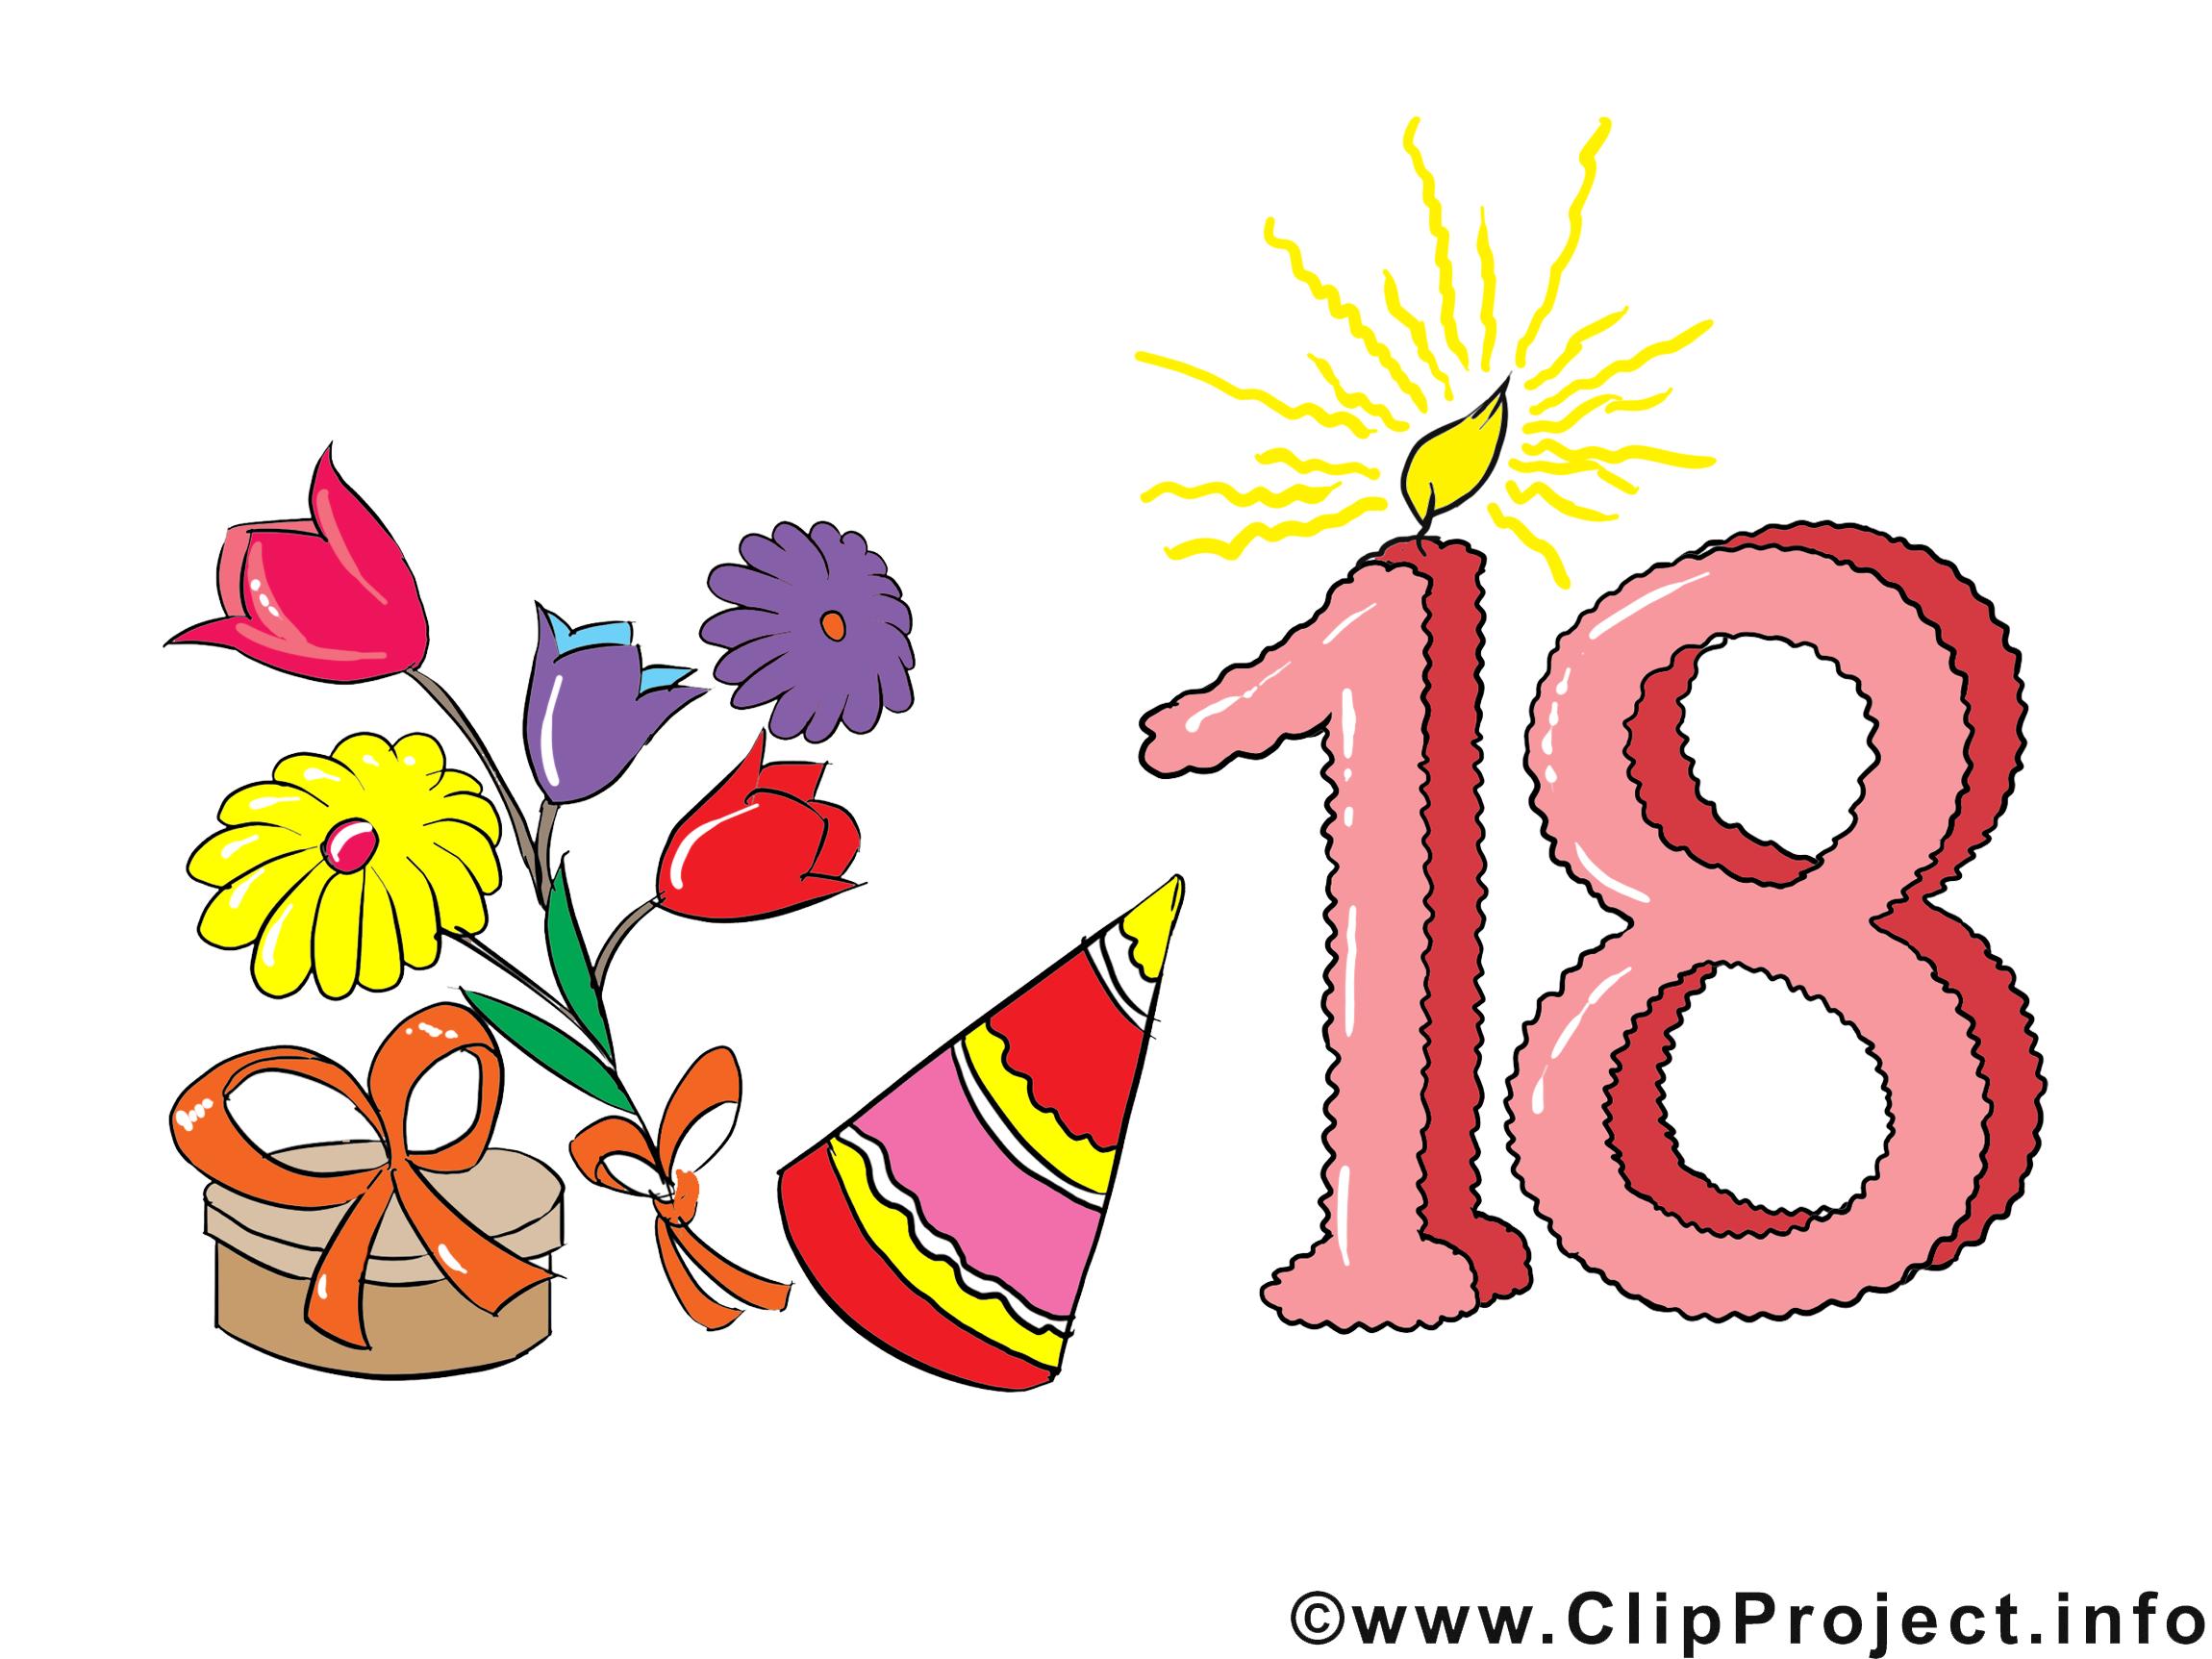 Cliparts geburtstag zum ausdrucken graphic free download Cliparts zum 18 geburtstag - ClipartFox graphic free download